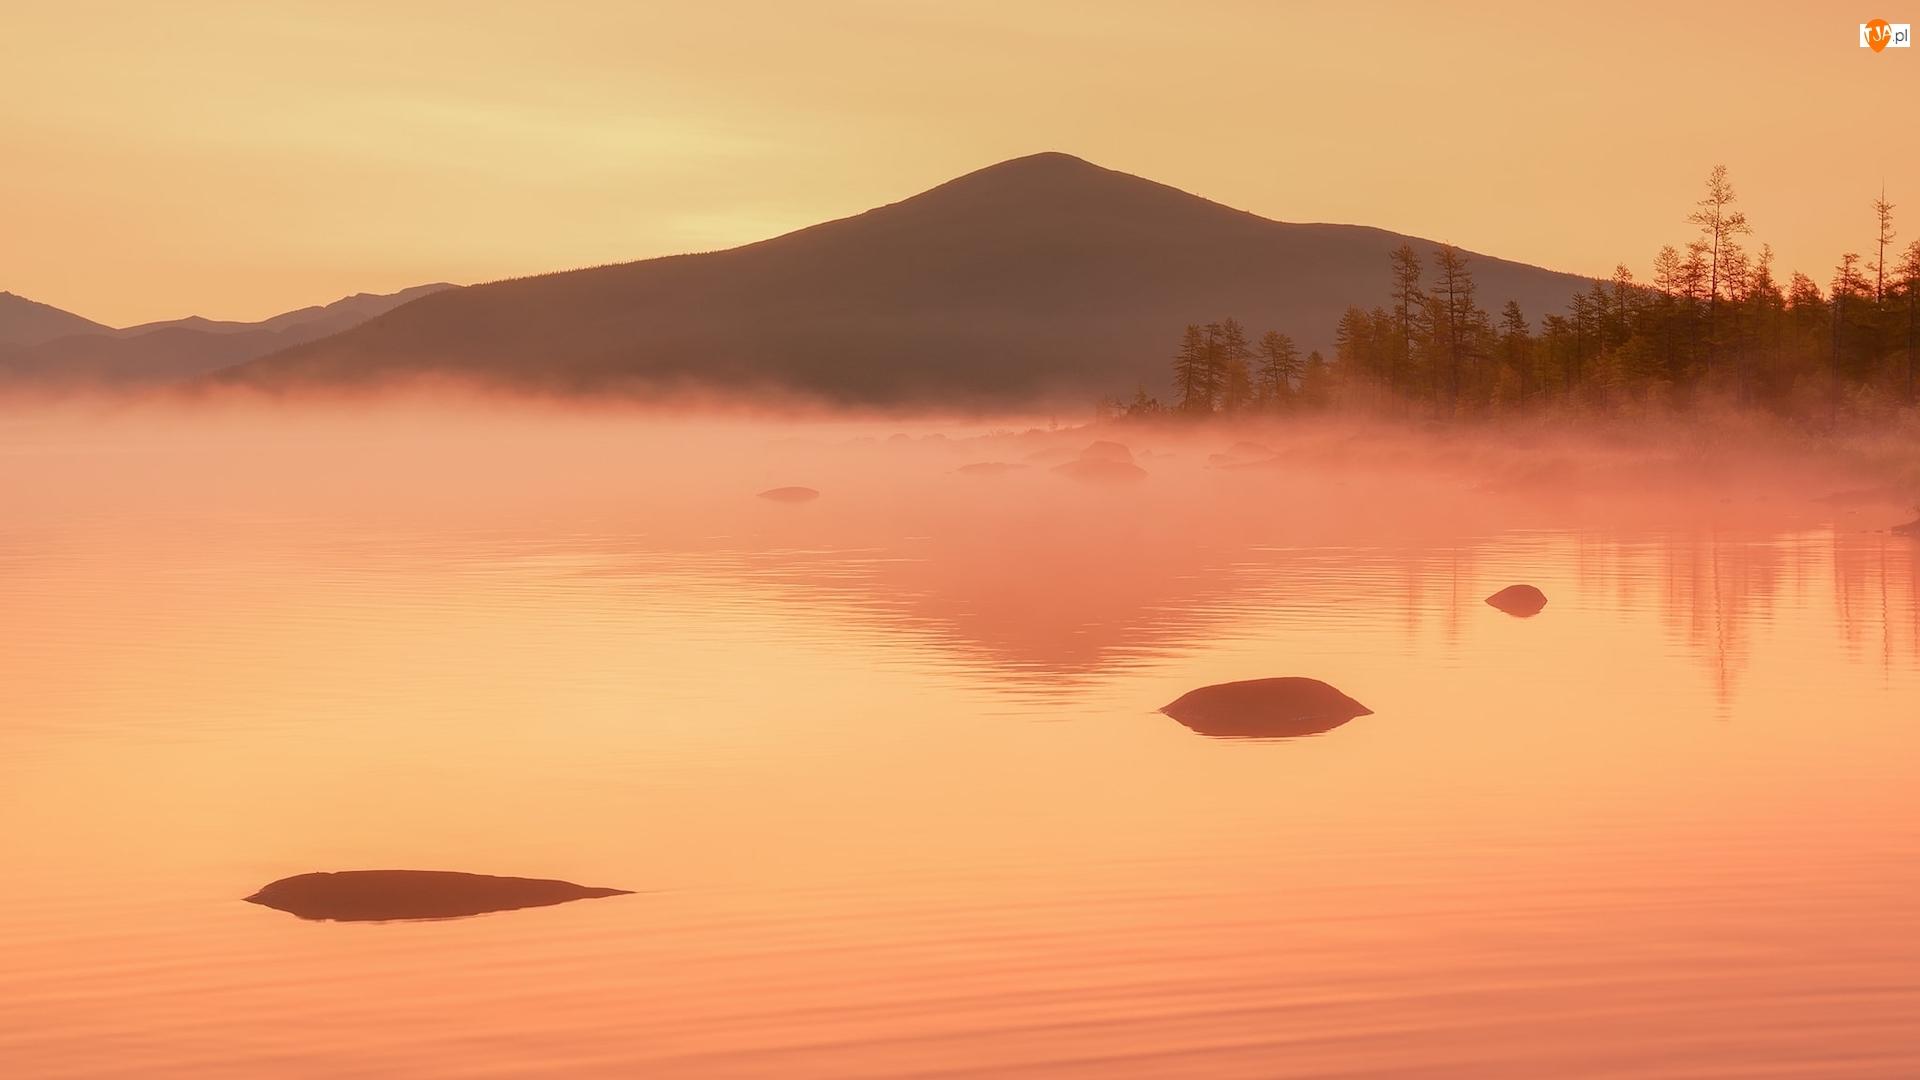 Trawa, Góry, Drzewa, Jezioro, Mgła